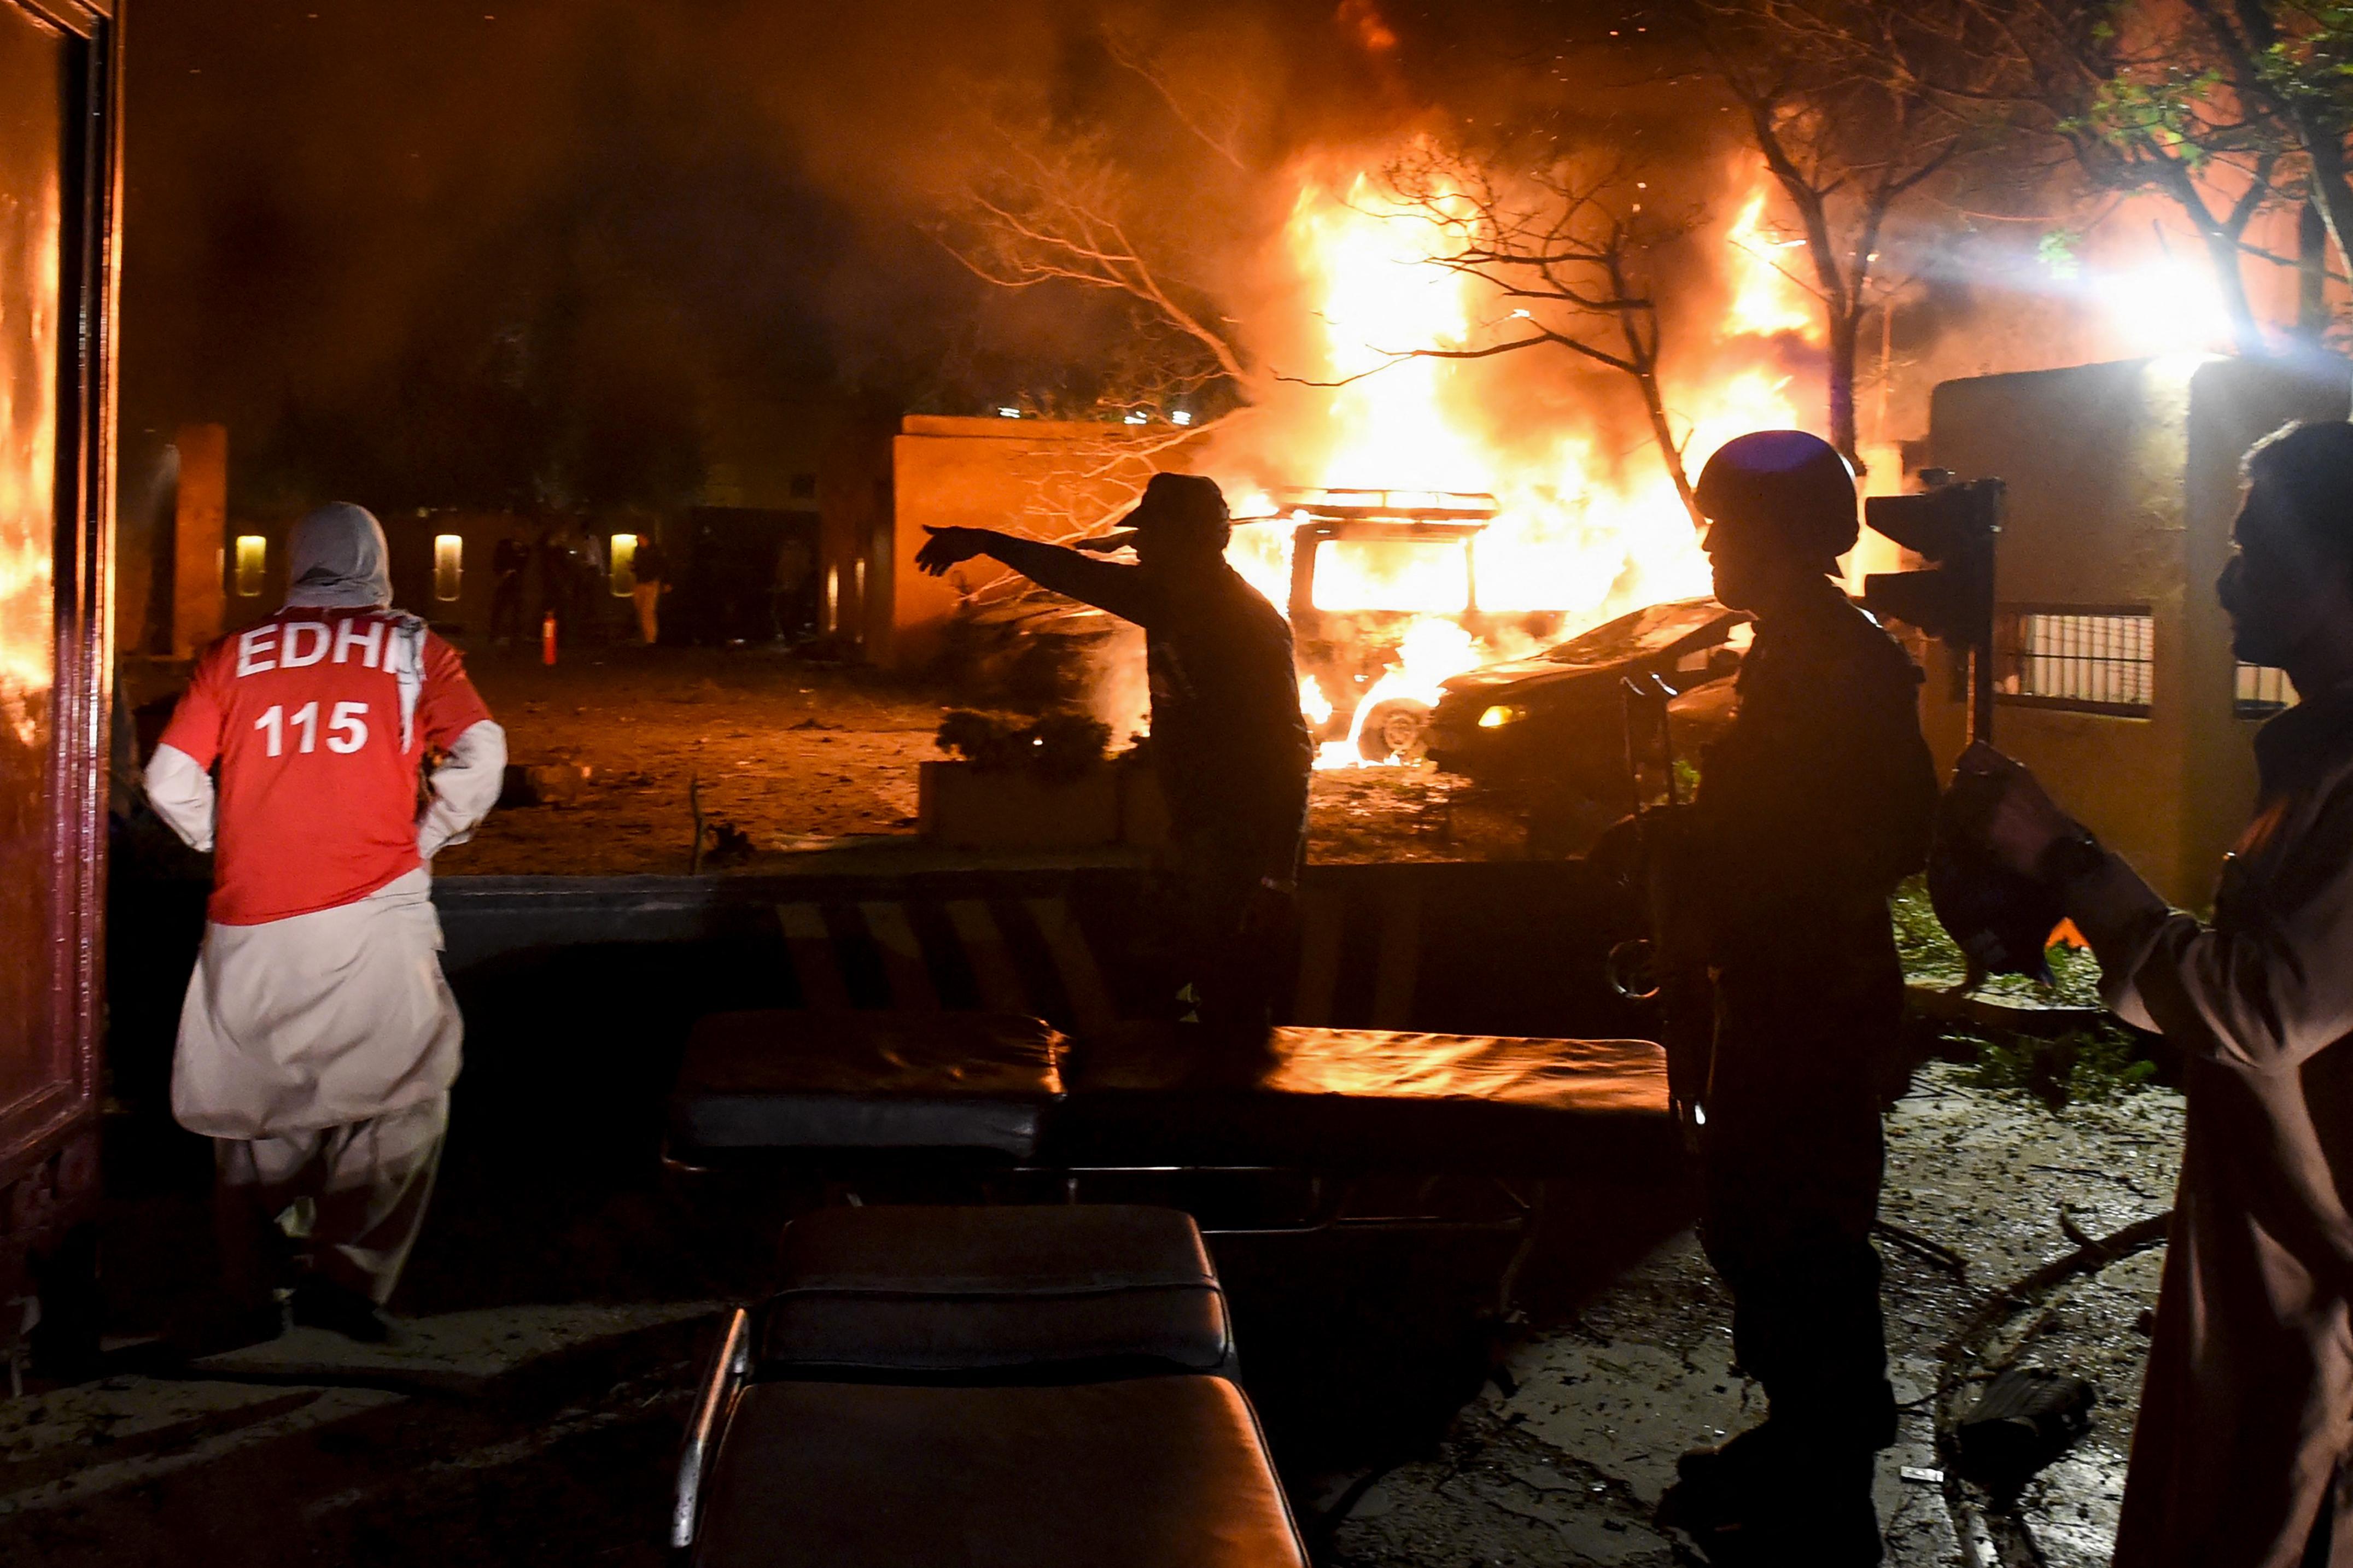 巴基斯坦奎塔发生汽车爆炸案 四死11伤